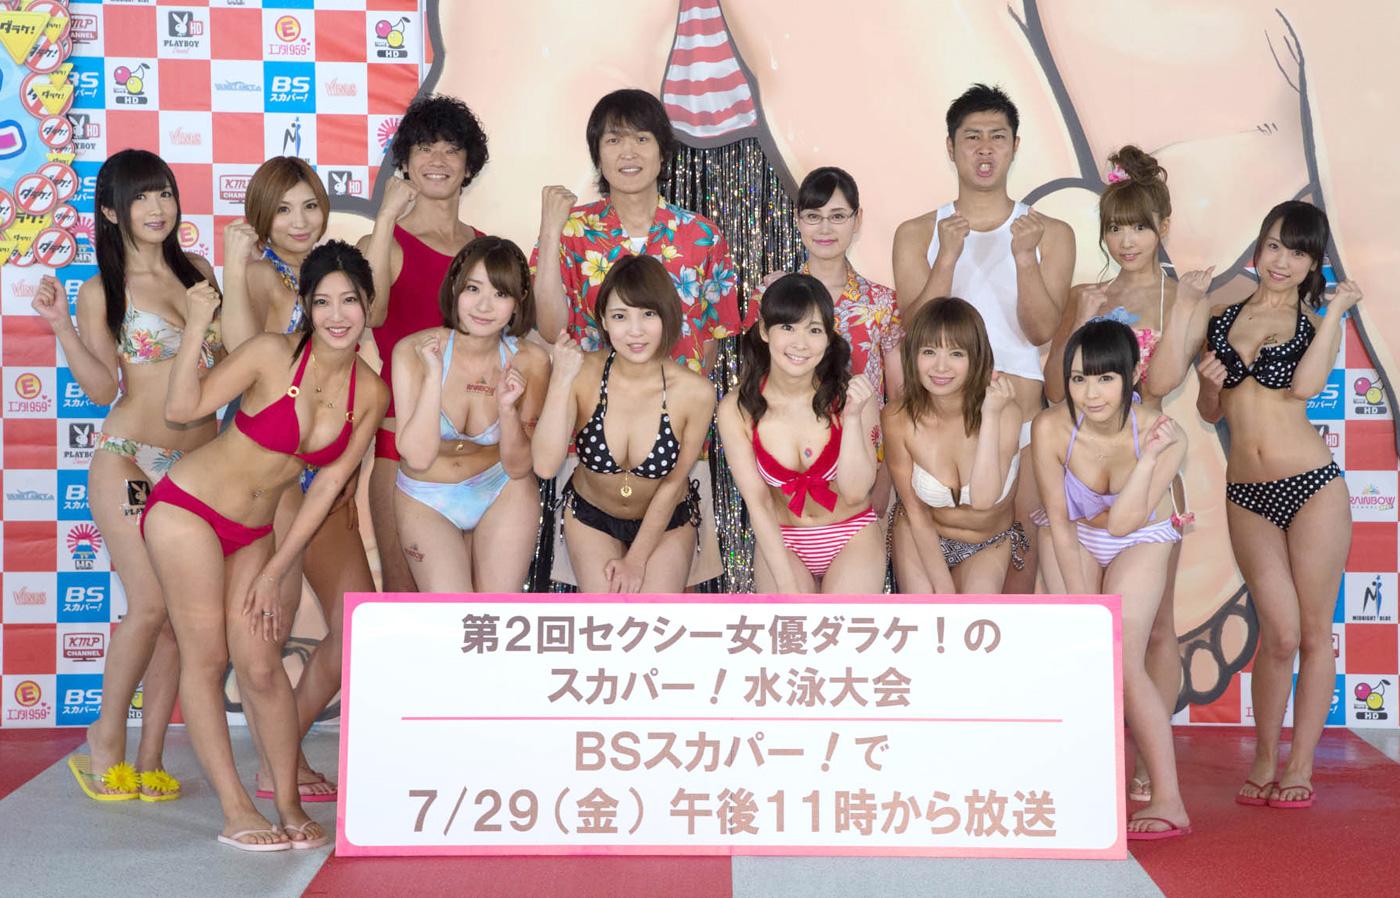 【キャプ画像】第2回セクシー女優ダラケ!のスカパー!水泳大会